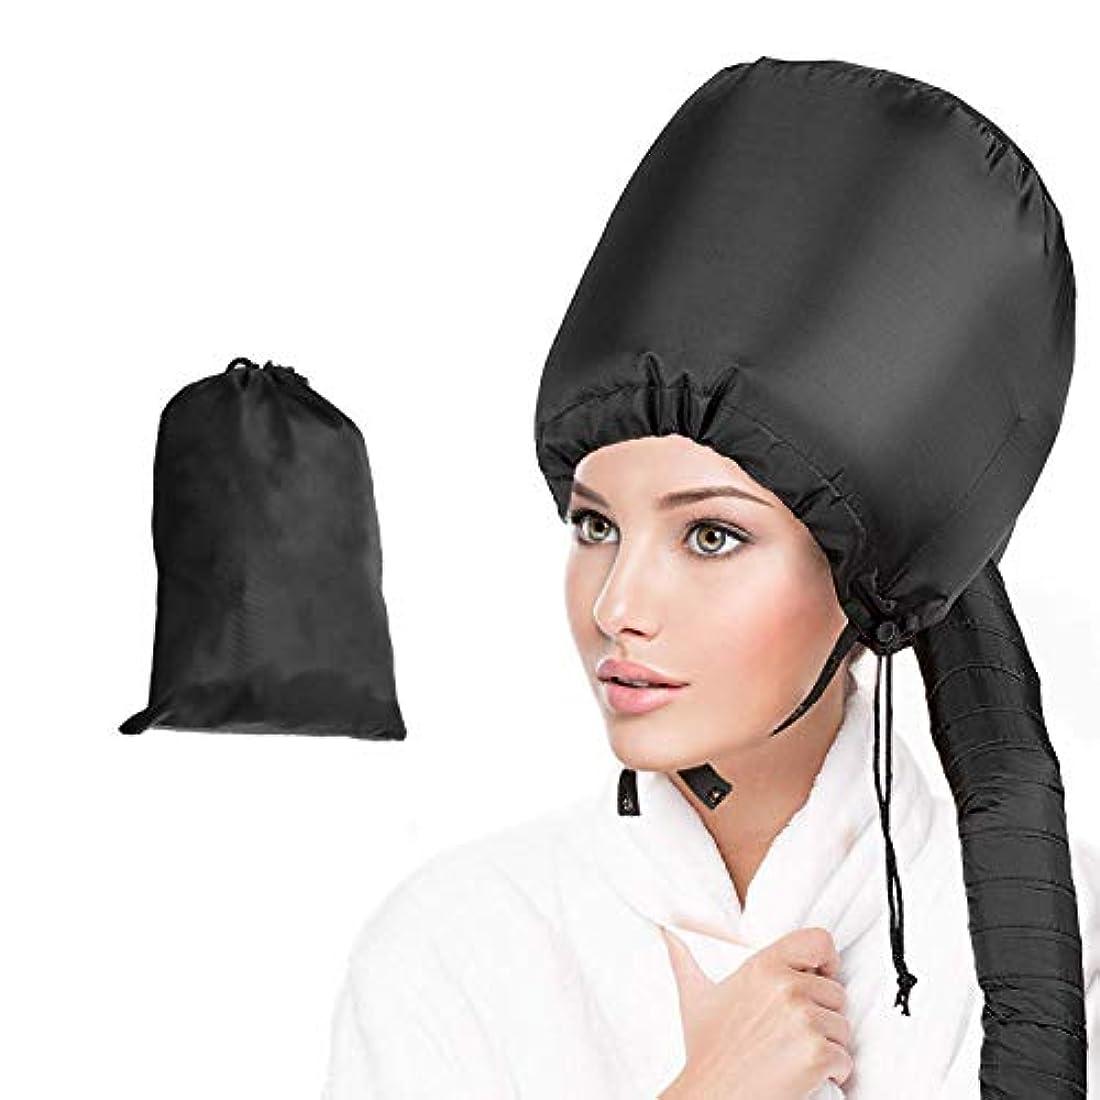 の配列補う優しいWeanas ヘアドライヤーキャップ 髪干し帽子 髪ケア ホームサロン 携帯収納ケース付き